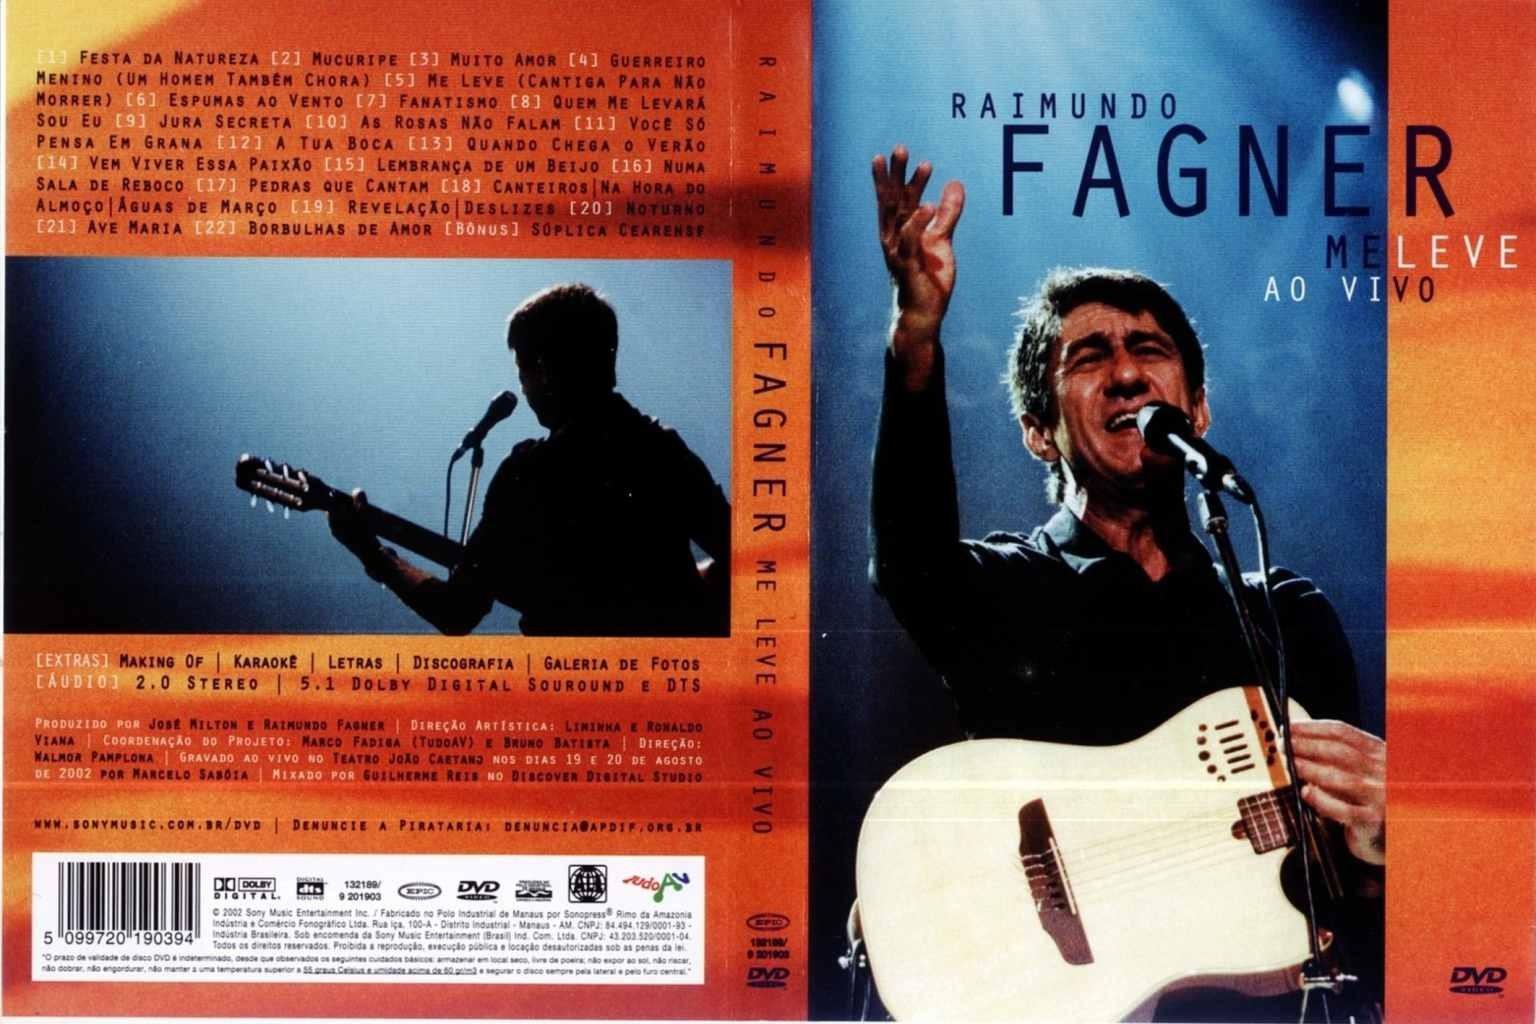 DE BAIXAR FAGNER CD RAIMUNDO AO VIVO